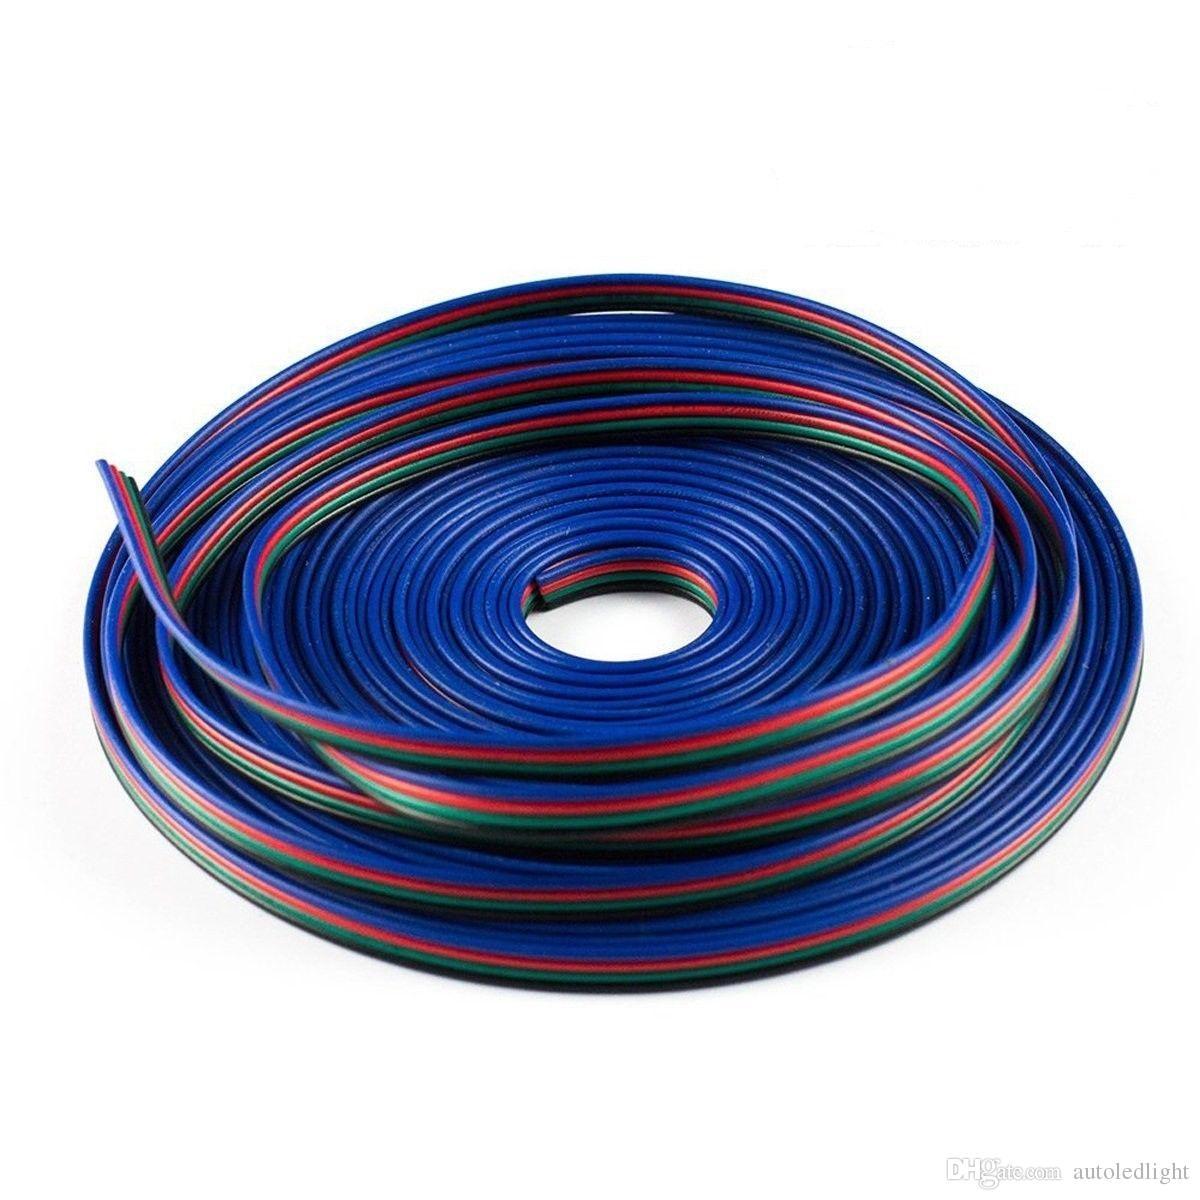 Corde de câble de connecteur de fil d'extension RVB 4 broches pour la longueur de la bande LED de DIY DIY de 3528 5050